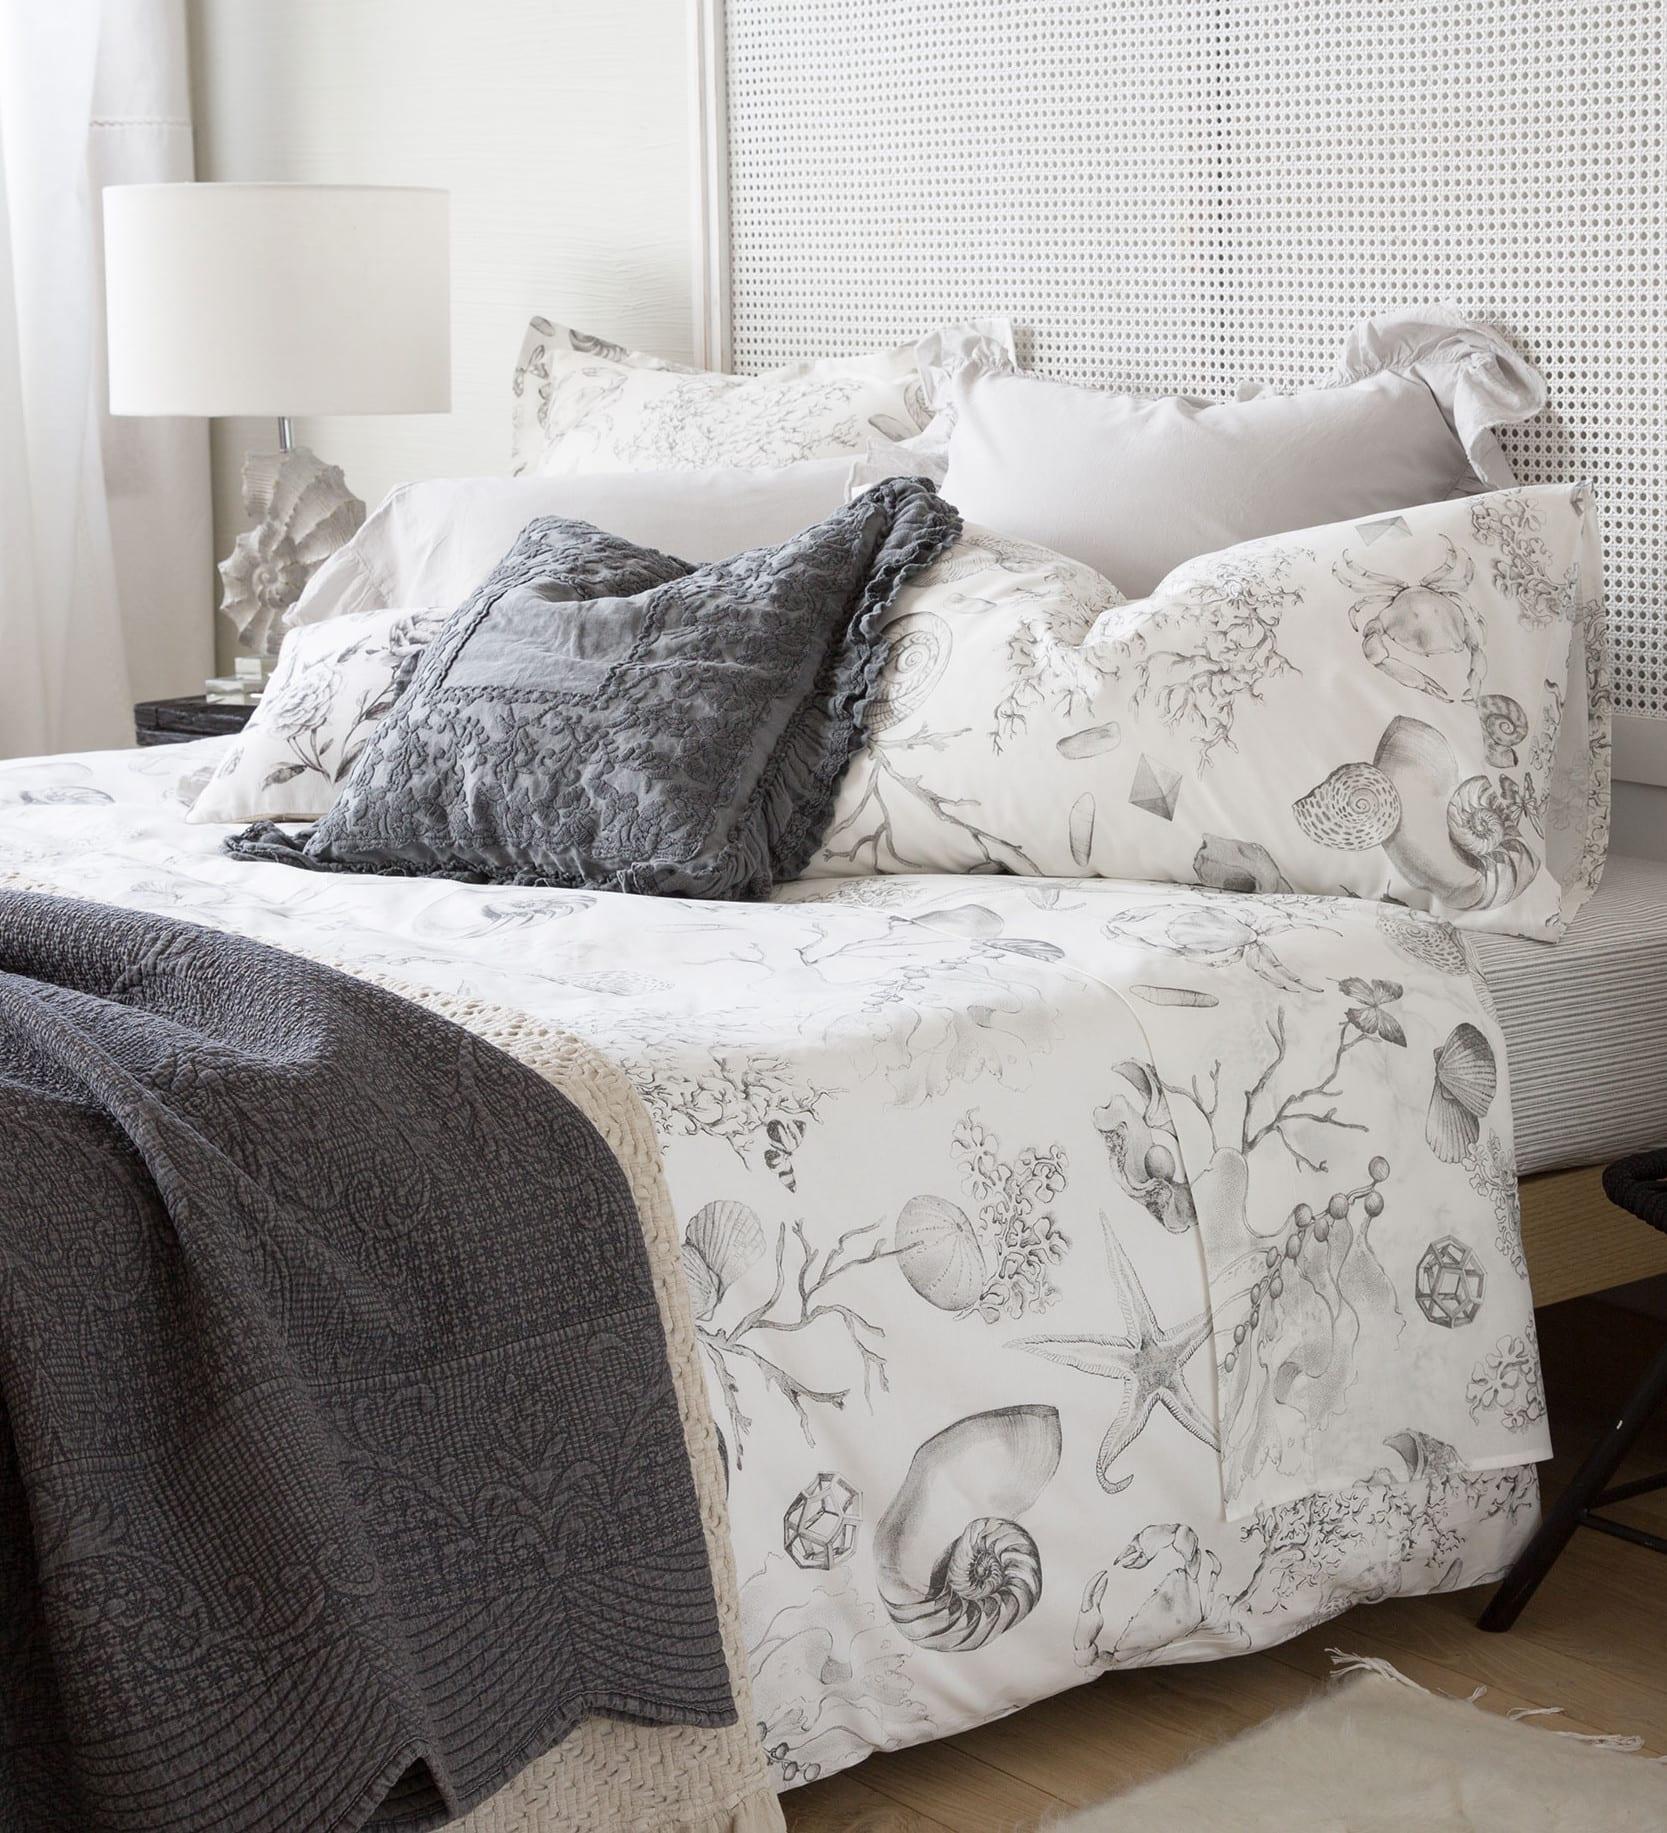 moderne schlafzimmer einrichten und gestalten in weiß und grau mit bettdecke dunkelgrau und zara home bettwäsche weiß